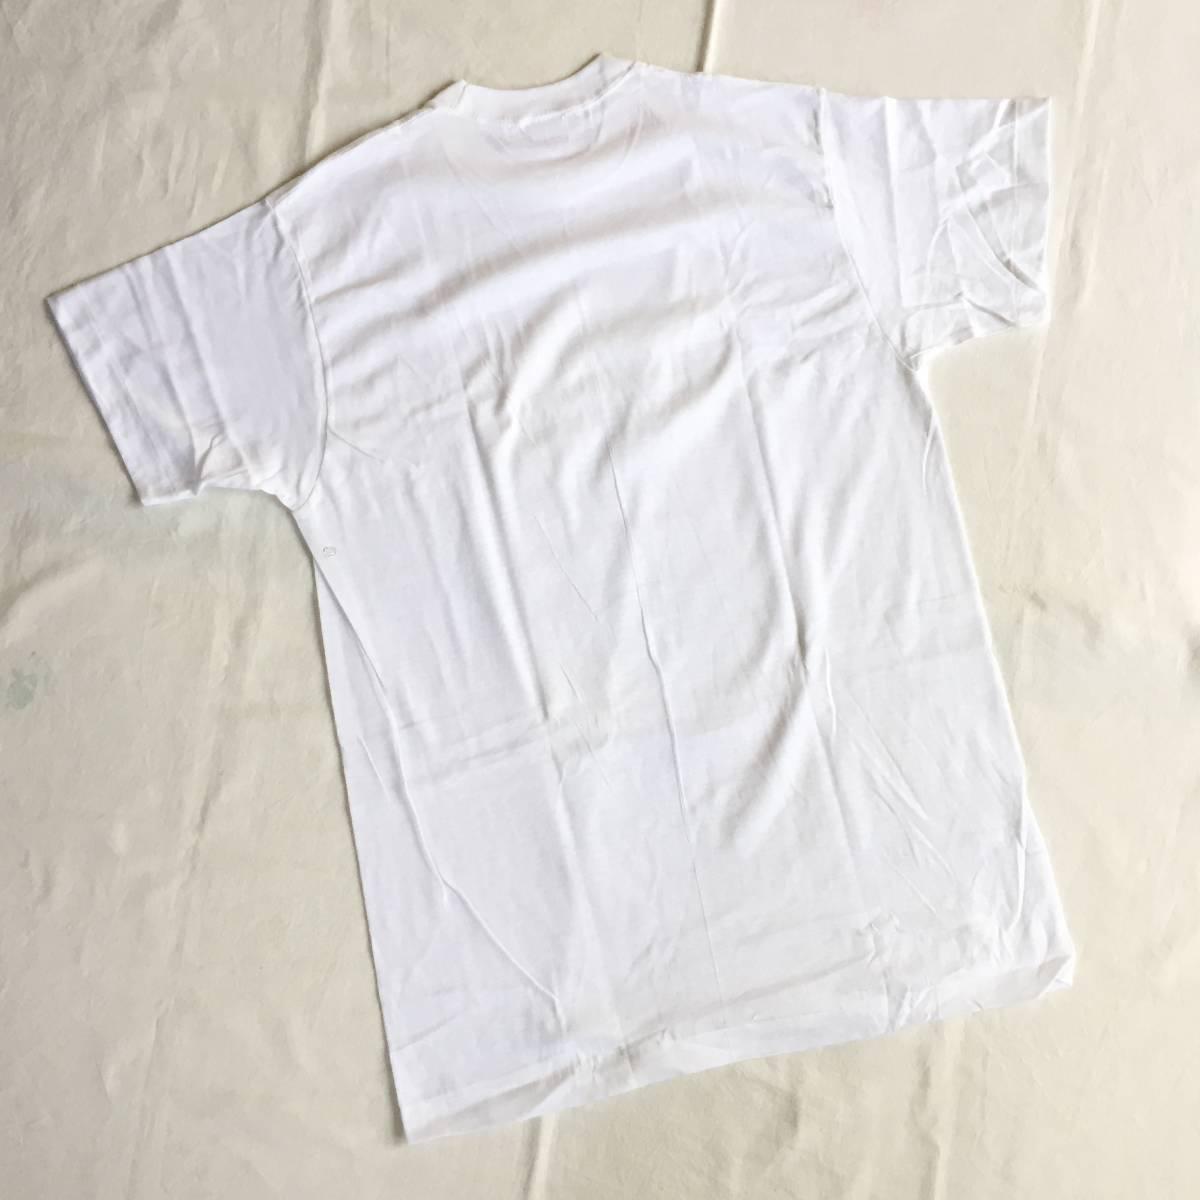 1972 70s USA製 デッドストック Lサイズ BVD 丸首 白 無地 Tシャツ アンダーシャツ VINTAGE _画像3